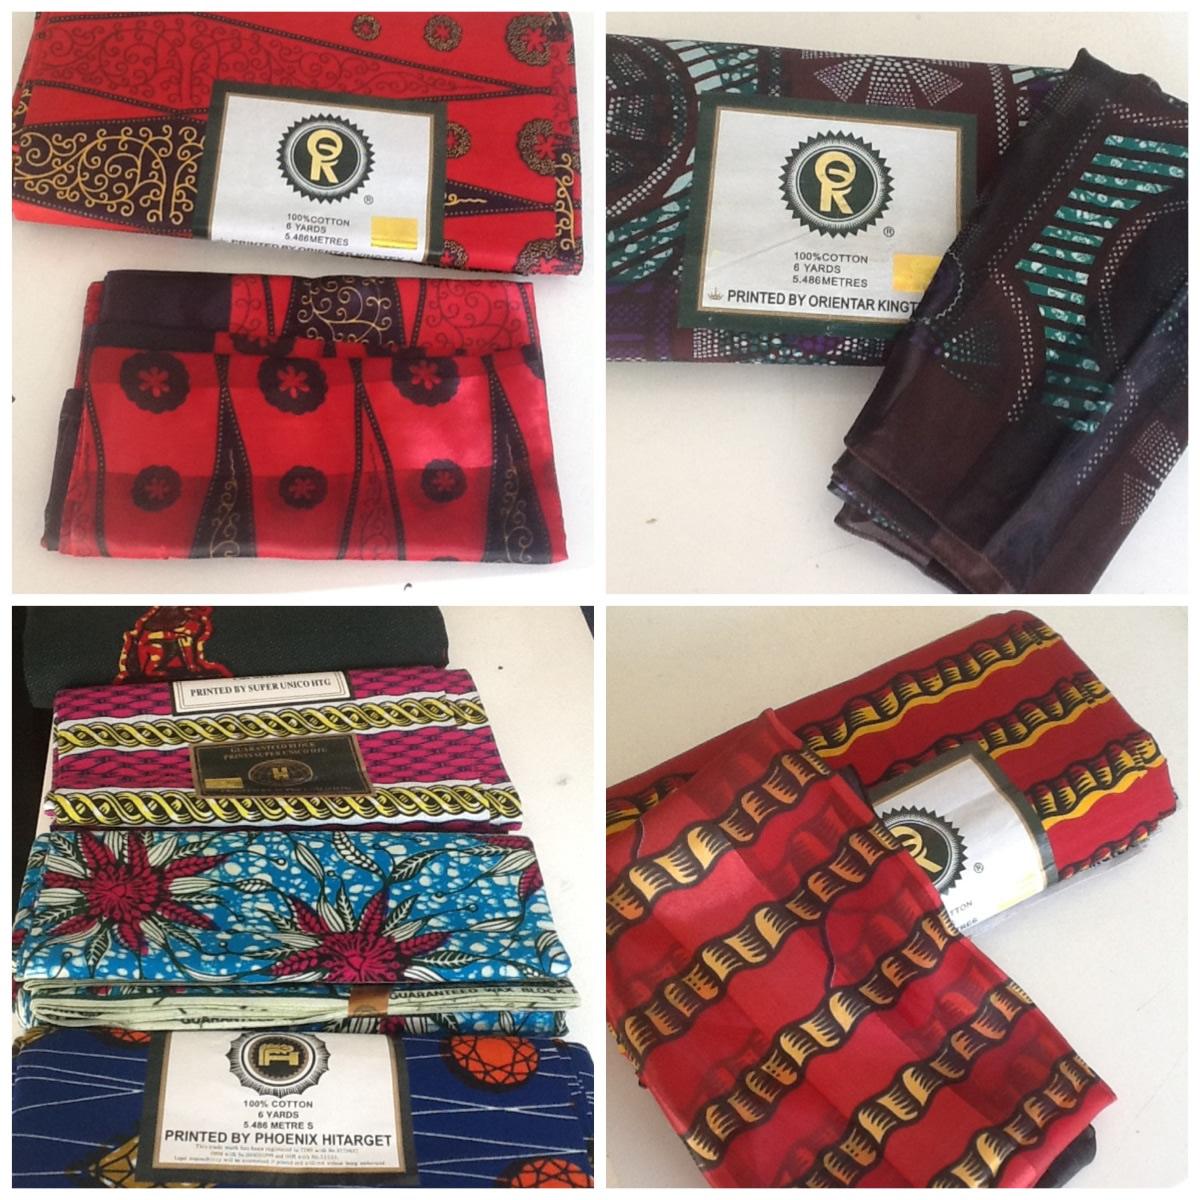 Haya ukitaka vitenge vyenye scarf prints zake kutoka congo zipo mujini